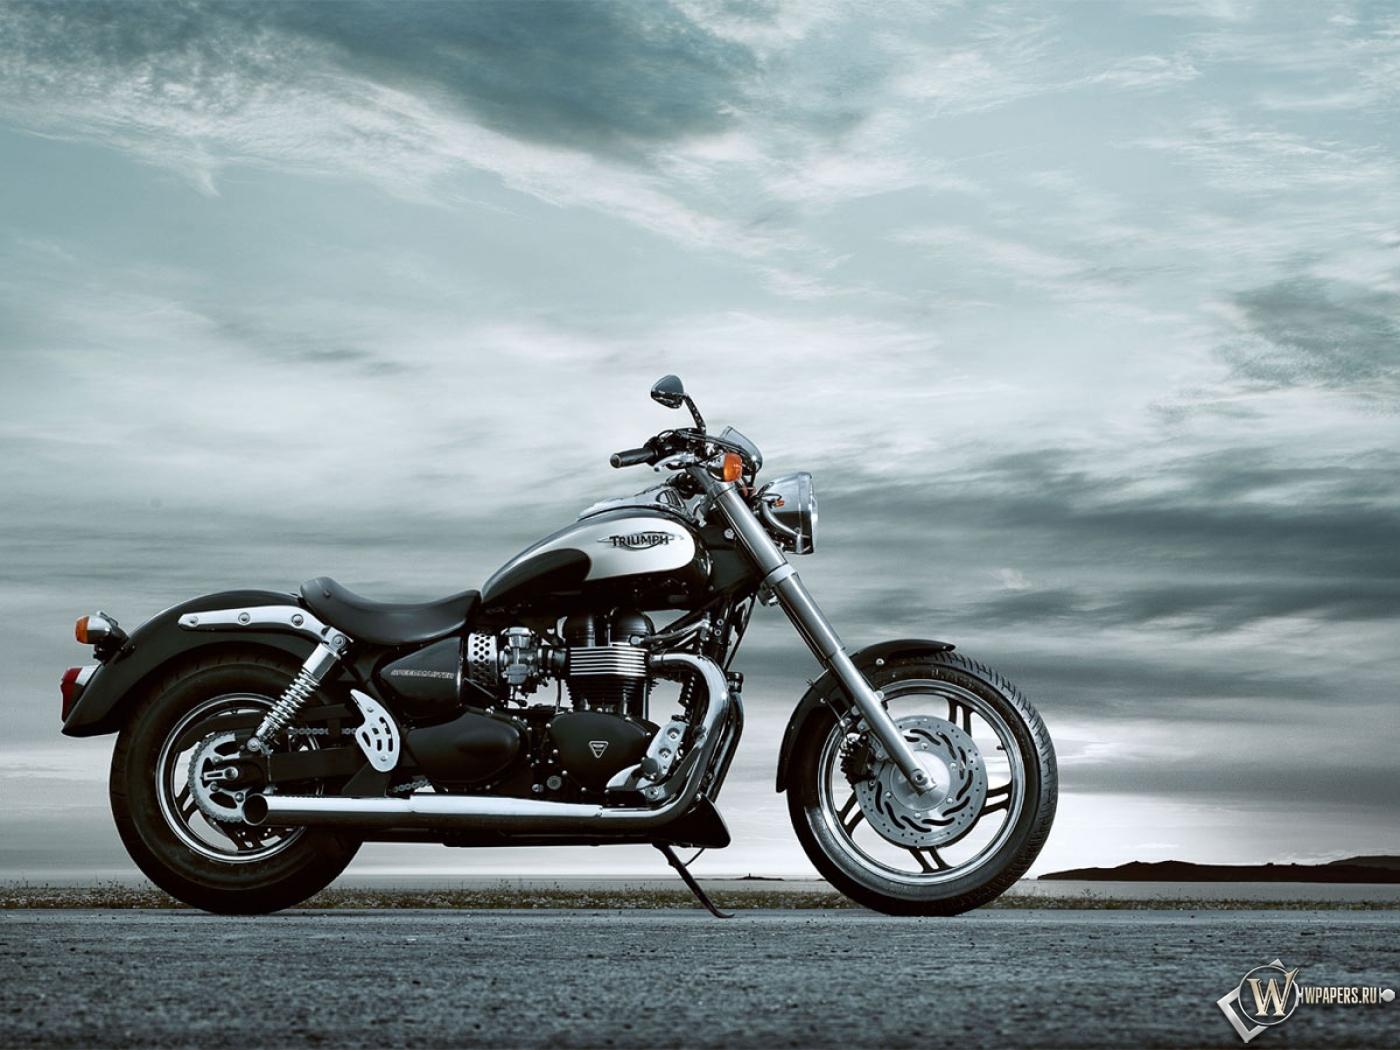 Triumph Speed-Master 1400x1050